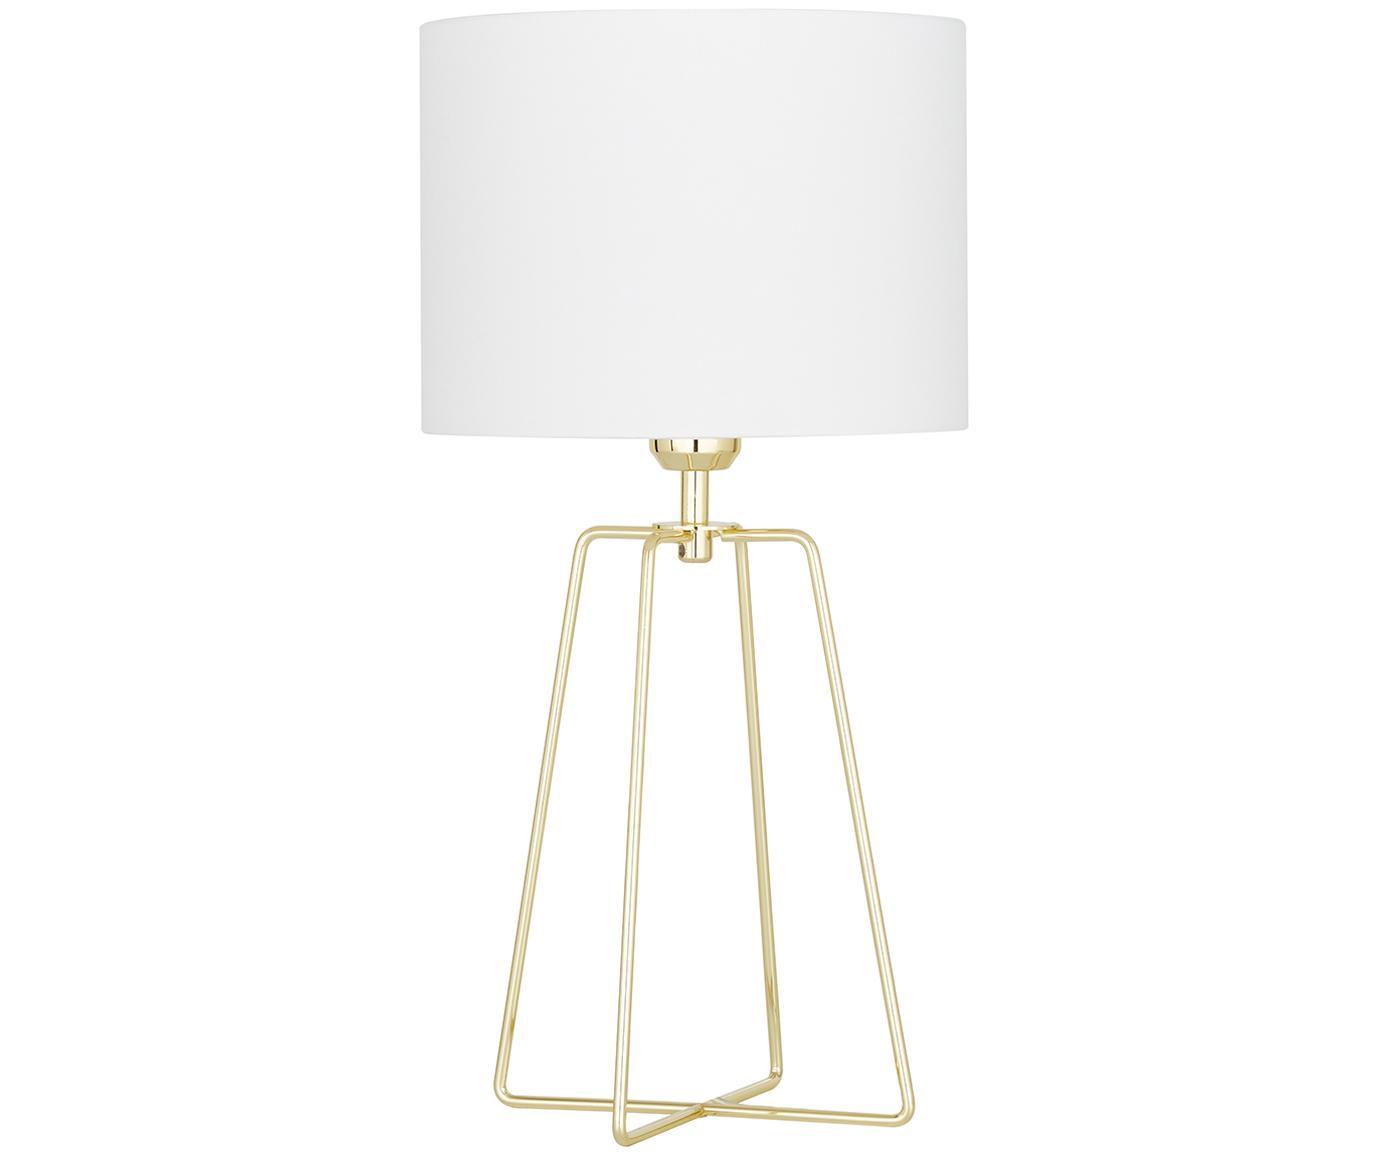 Lámpara de mesa Karolina, Pantalla: terciopelo, Cable: plástico, Blanco, latón brillante, Ø 25 x Al 49 cm